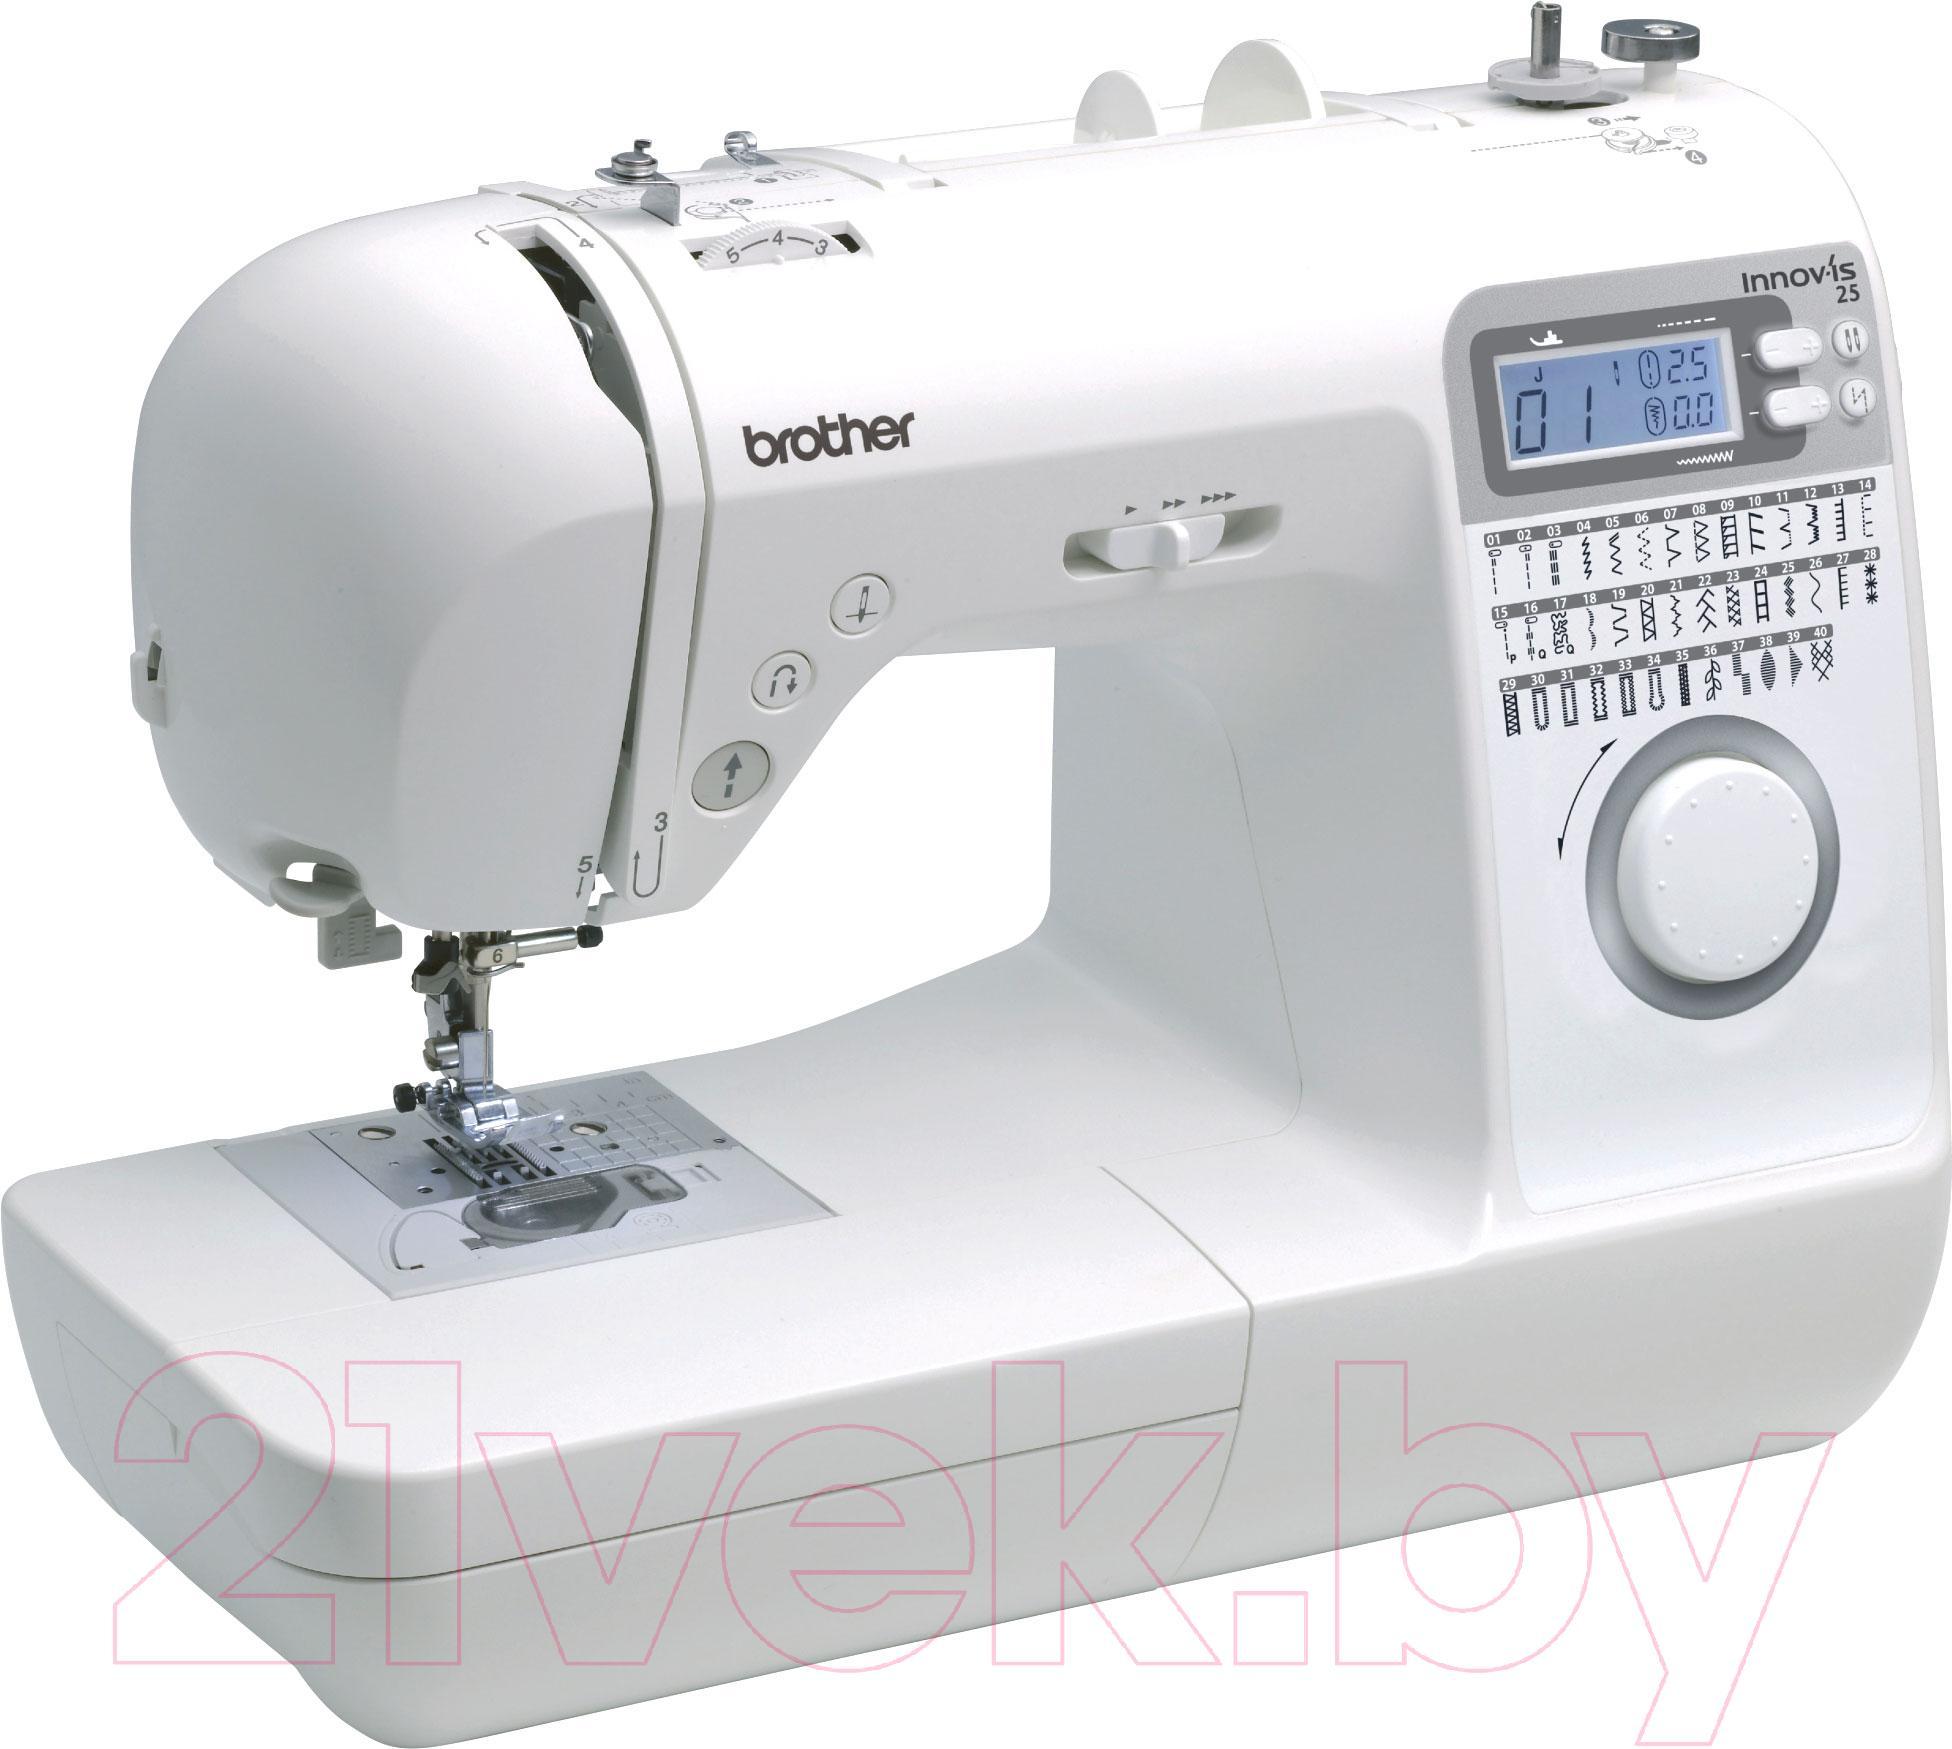 Купить Швейная машина Brother, Innov-is 25, Китай